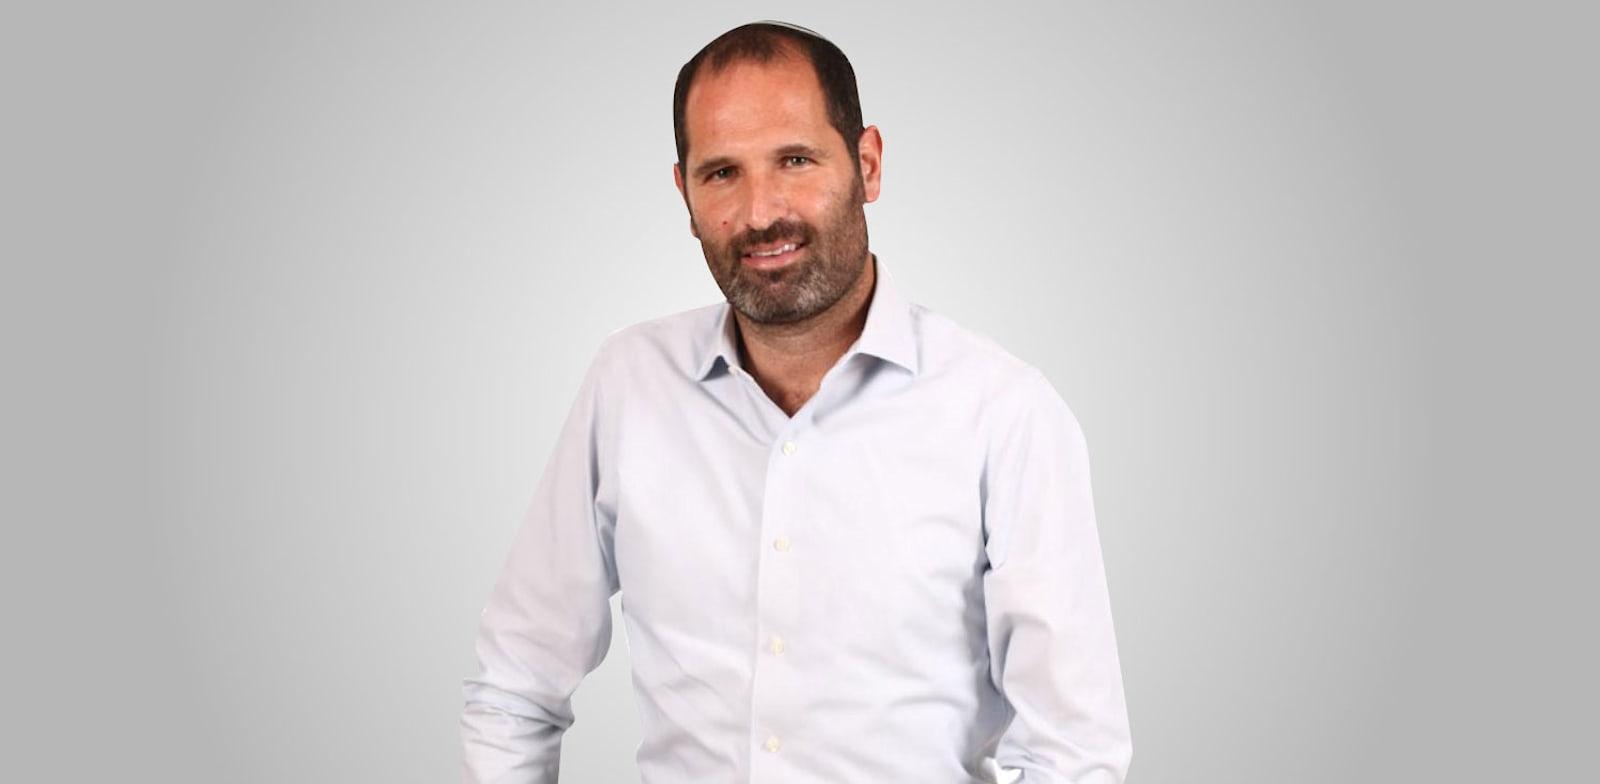 """יאיר הירש, מנכ""""ל משרד הפנים המיועד / צילום: דוברות שרת הפנים"""